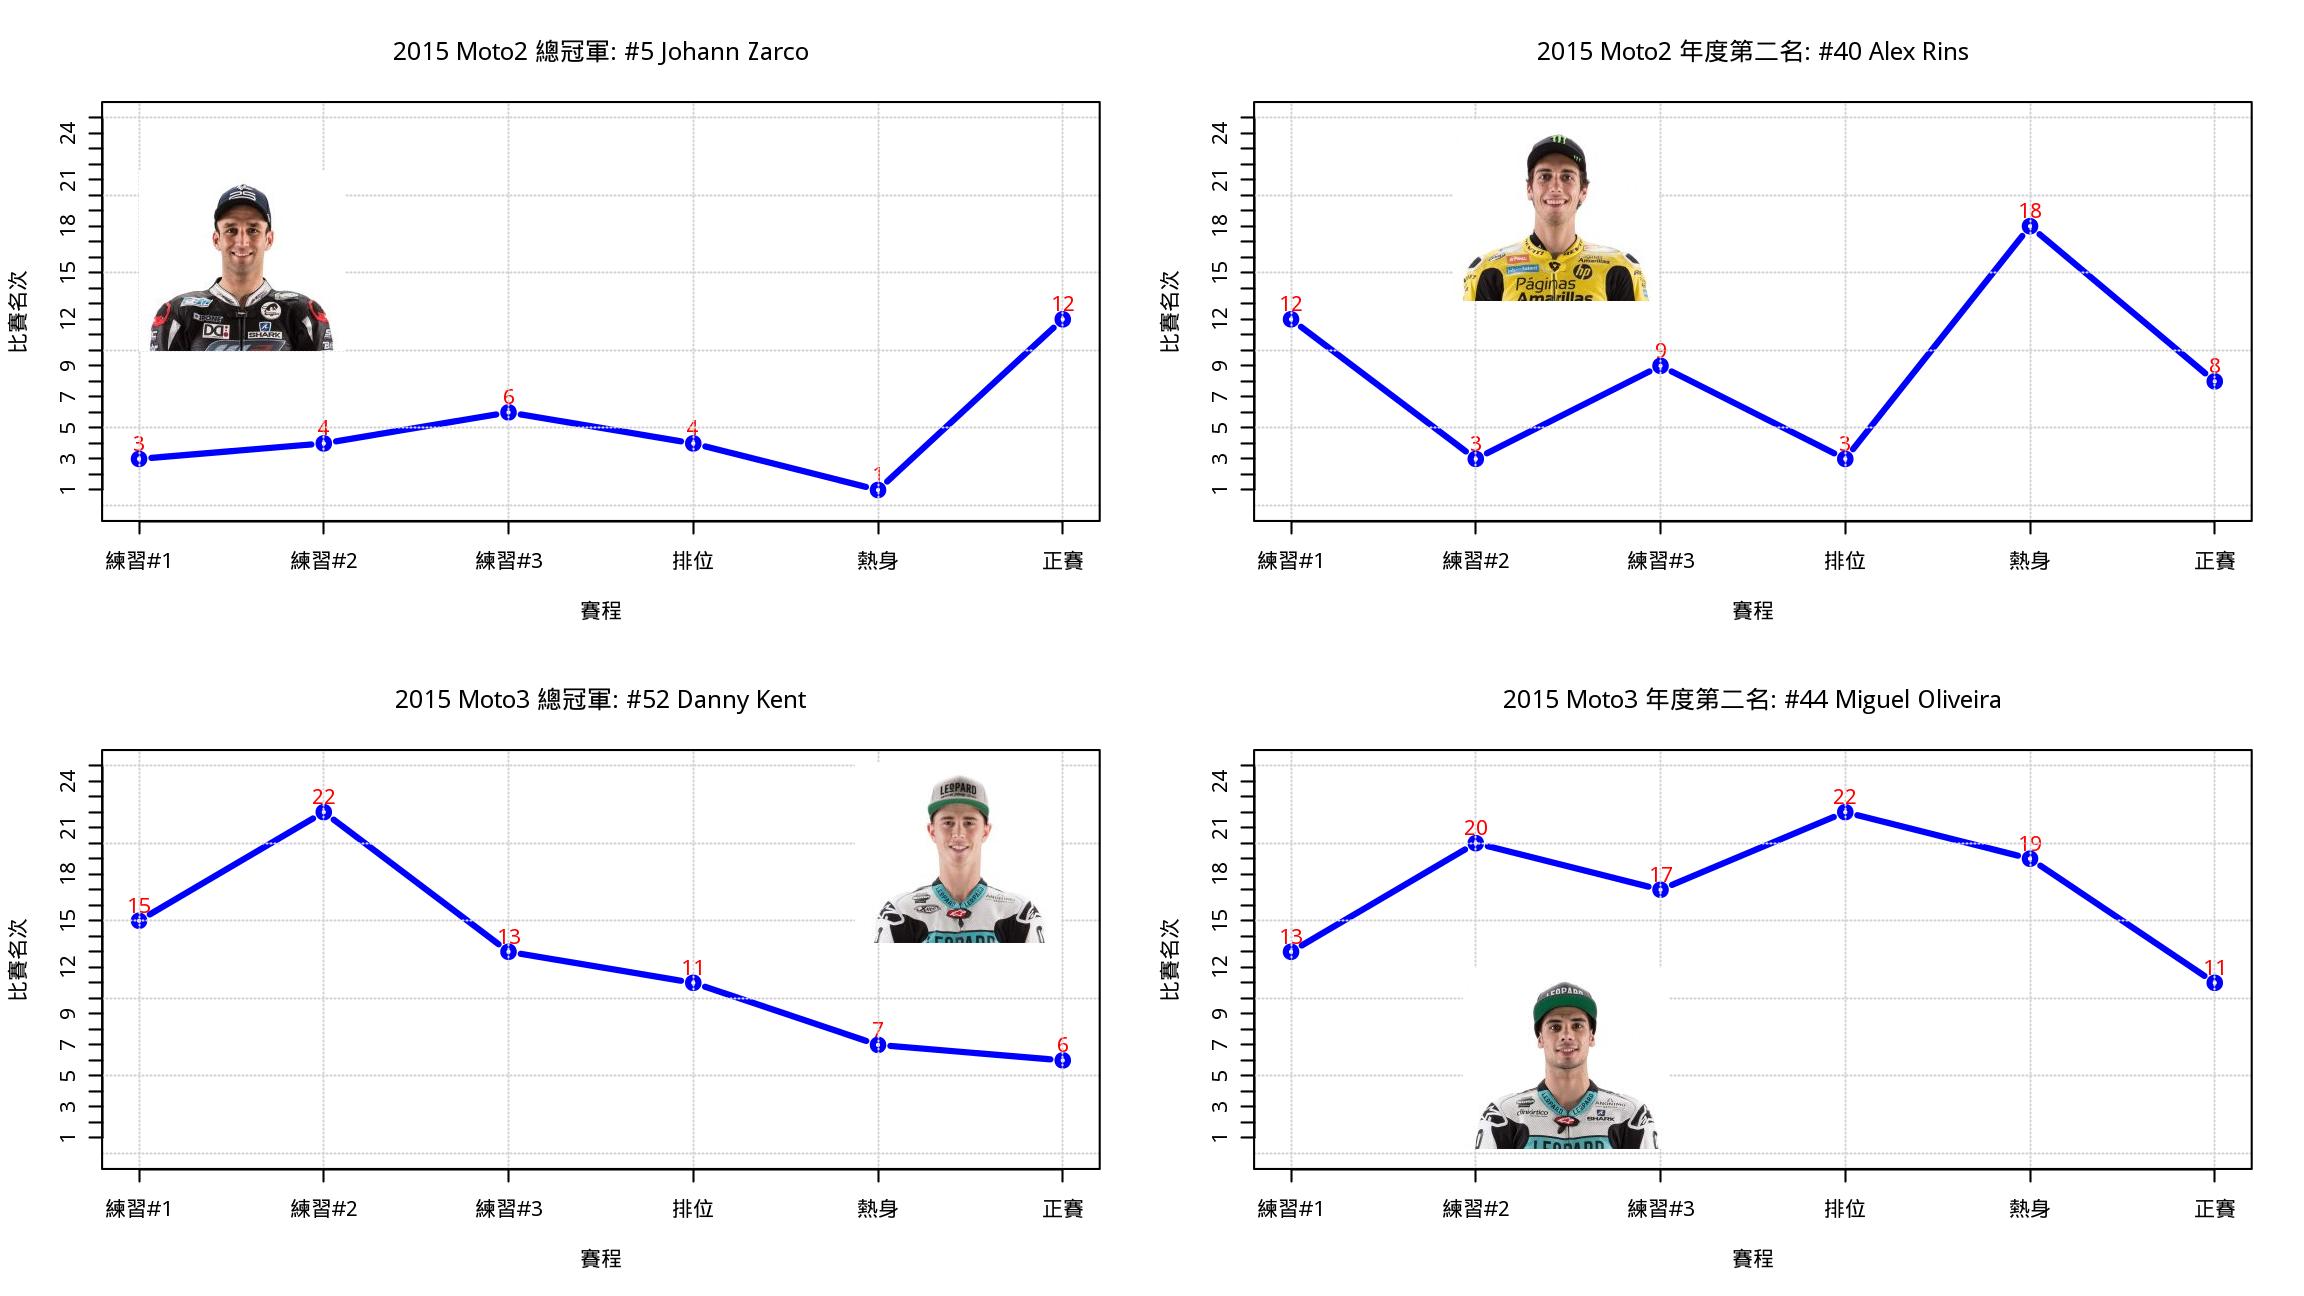 圖二. 2016卡達站Moto2關注選手三天賽事表現趨勢比較.